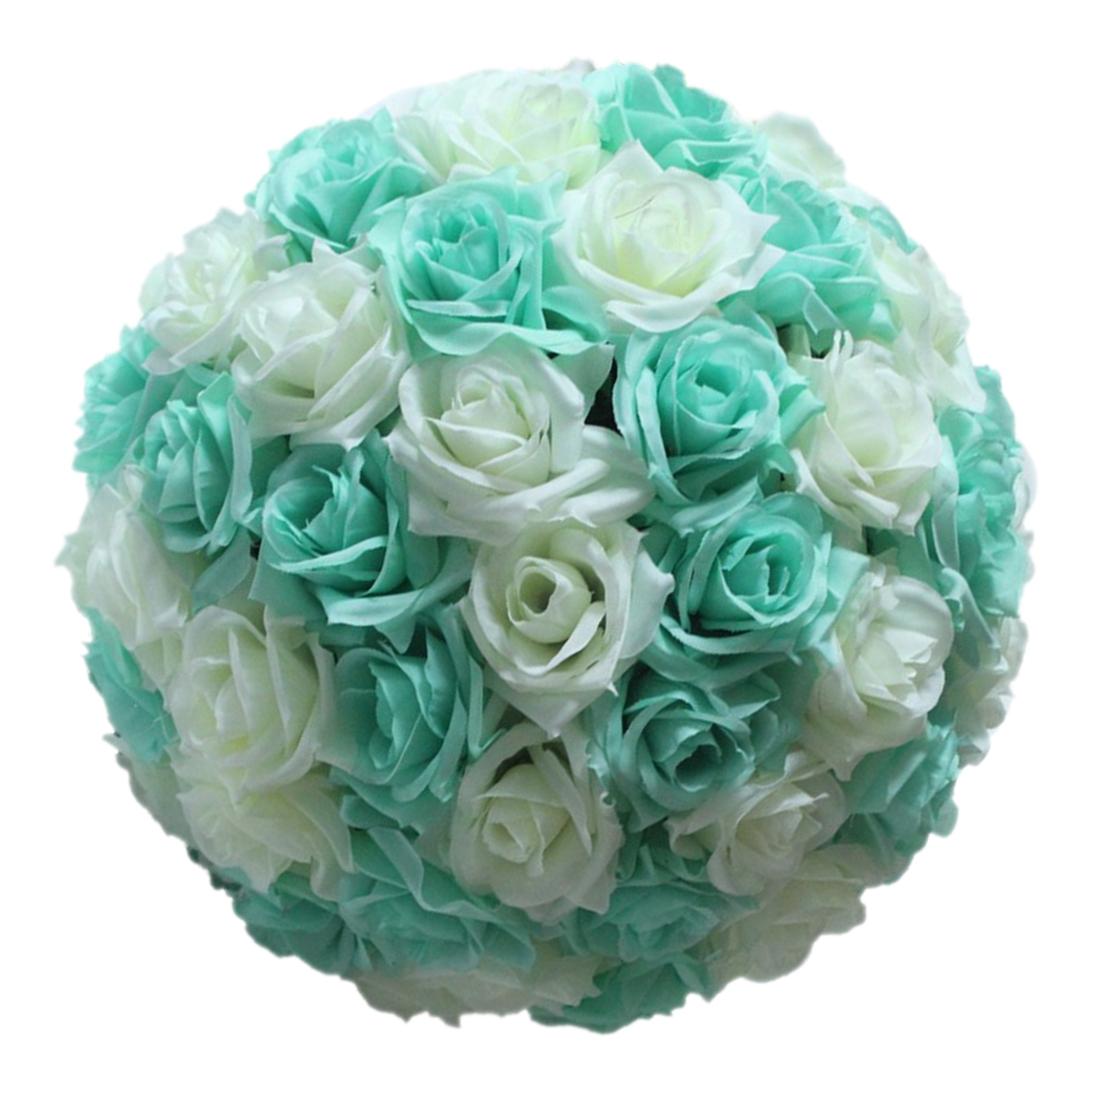 Wedding Decorations Artificial Rose Silk Flower Ball Centerpieces Mint O4K4